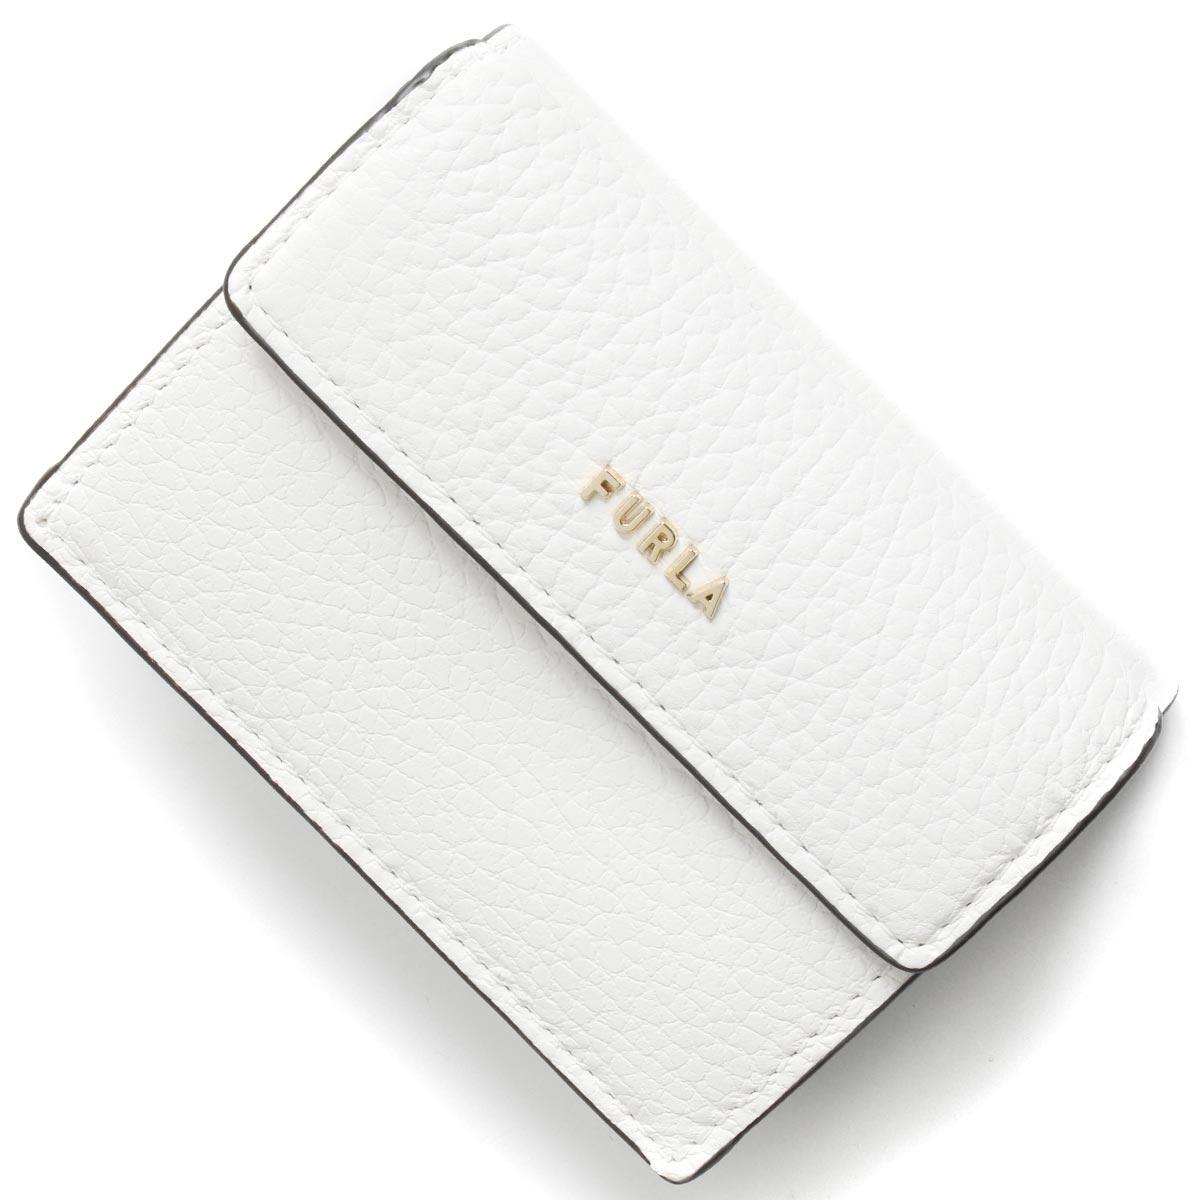 フルラ 三つ折り財布/ミニ財布 財布 レディース バビロン スモール タルコホワイト PCY9 HSF 01B 1056960 FURLA